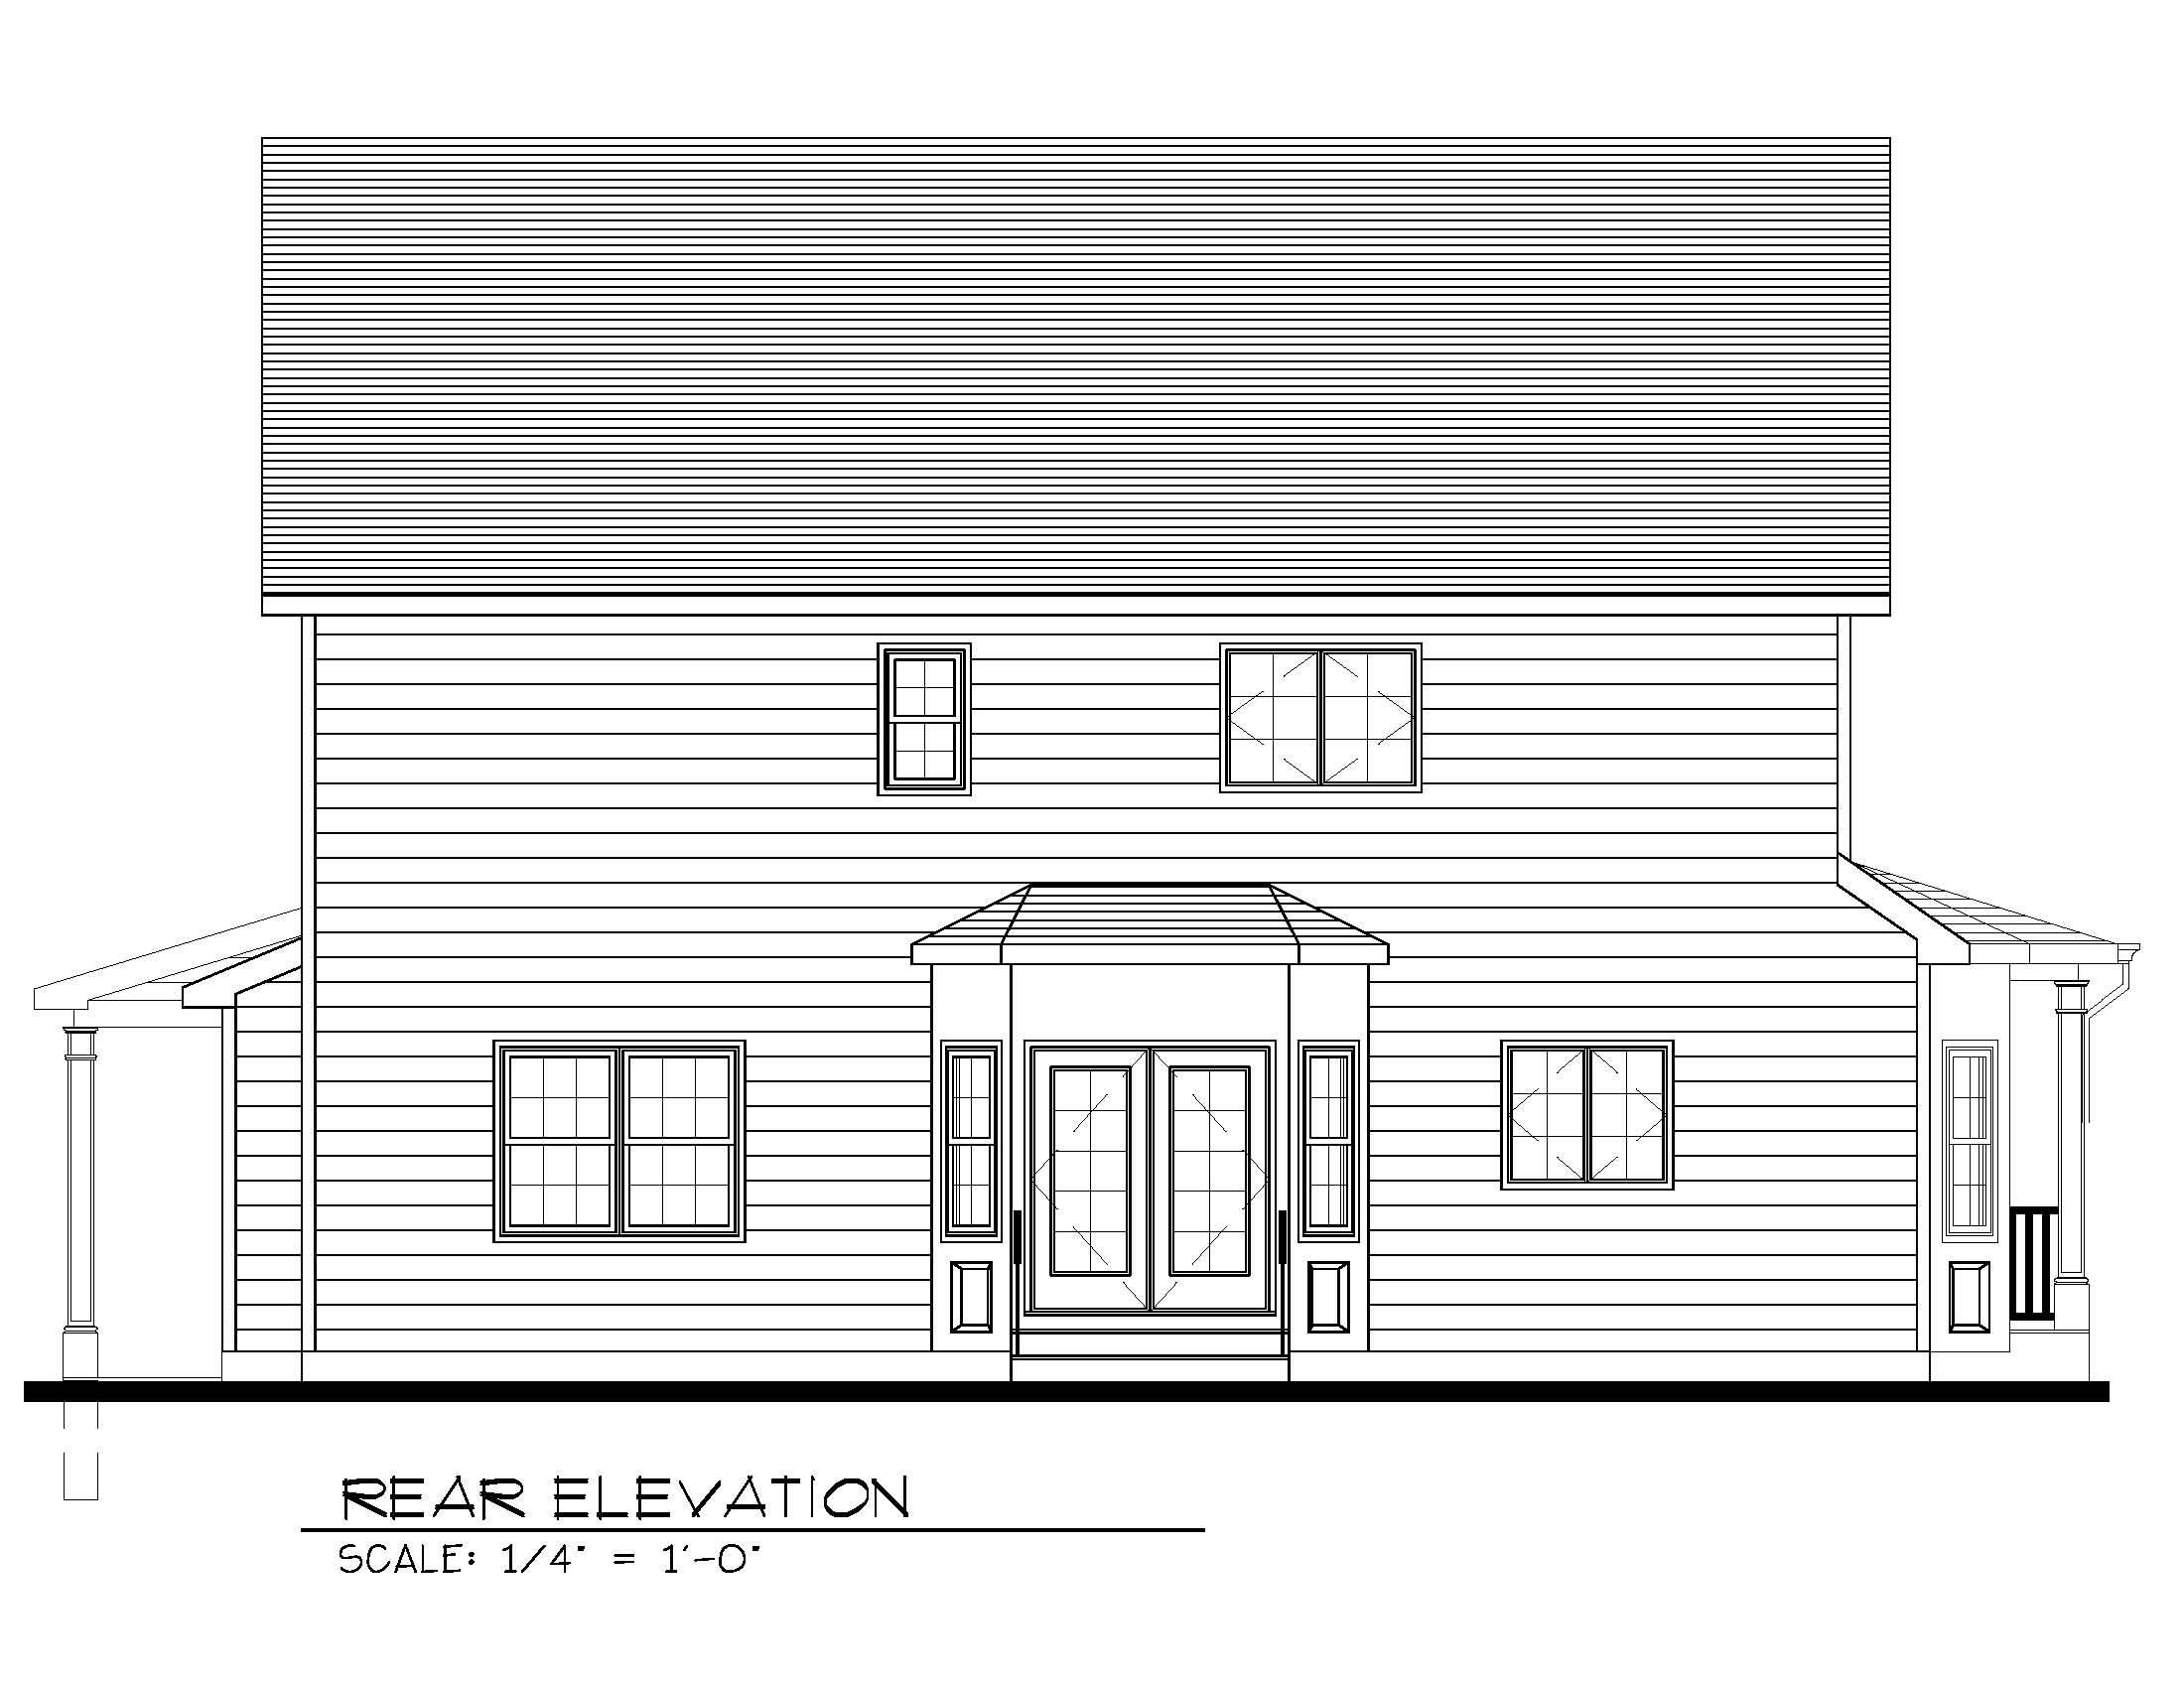 443 Beechwood Rear Elevation